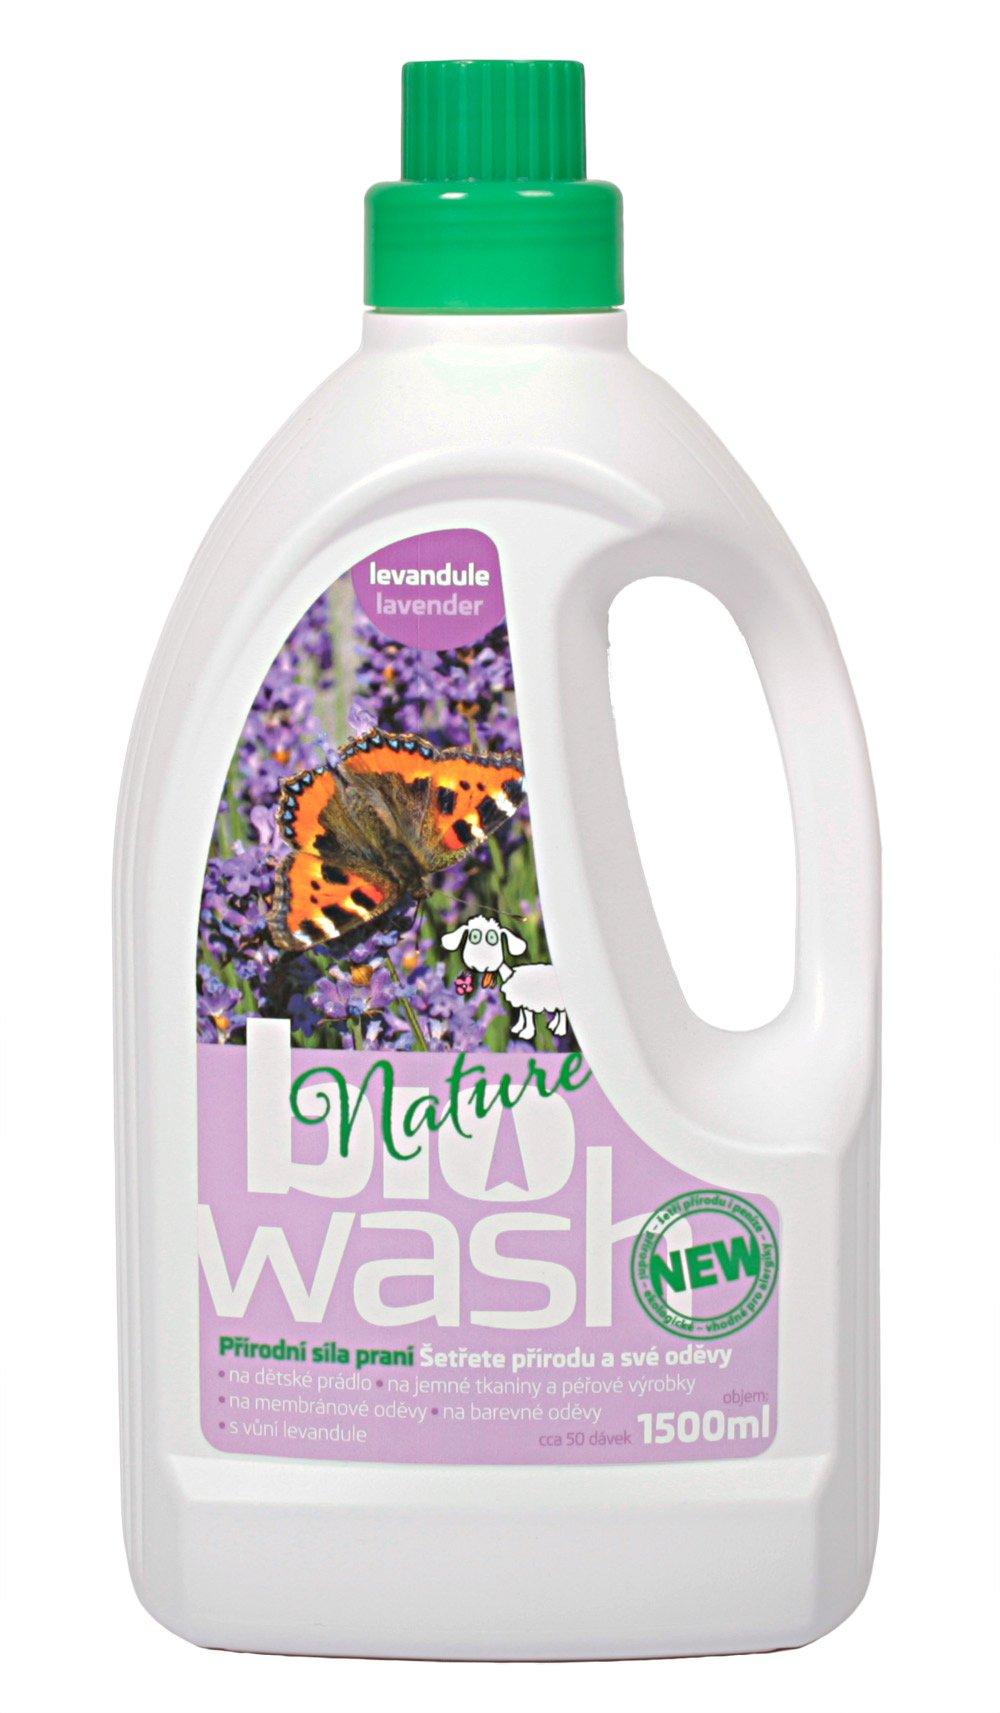 BioWash levandule, 1500 ml